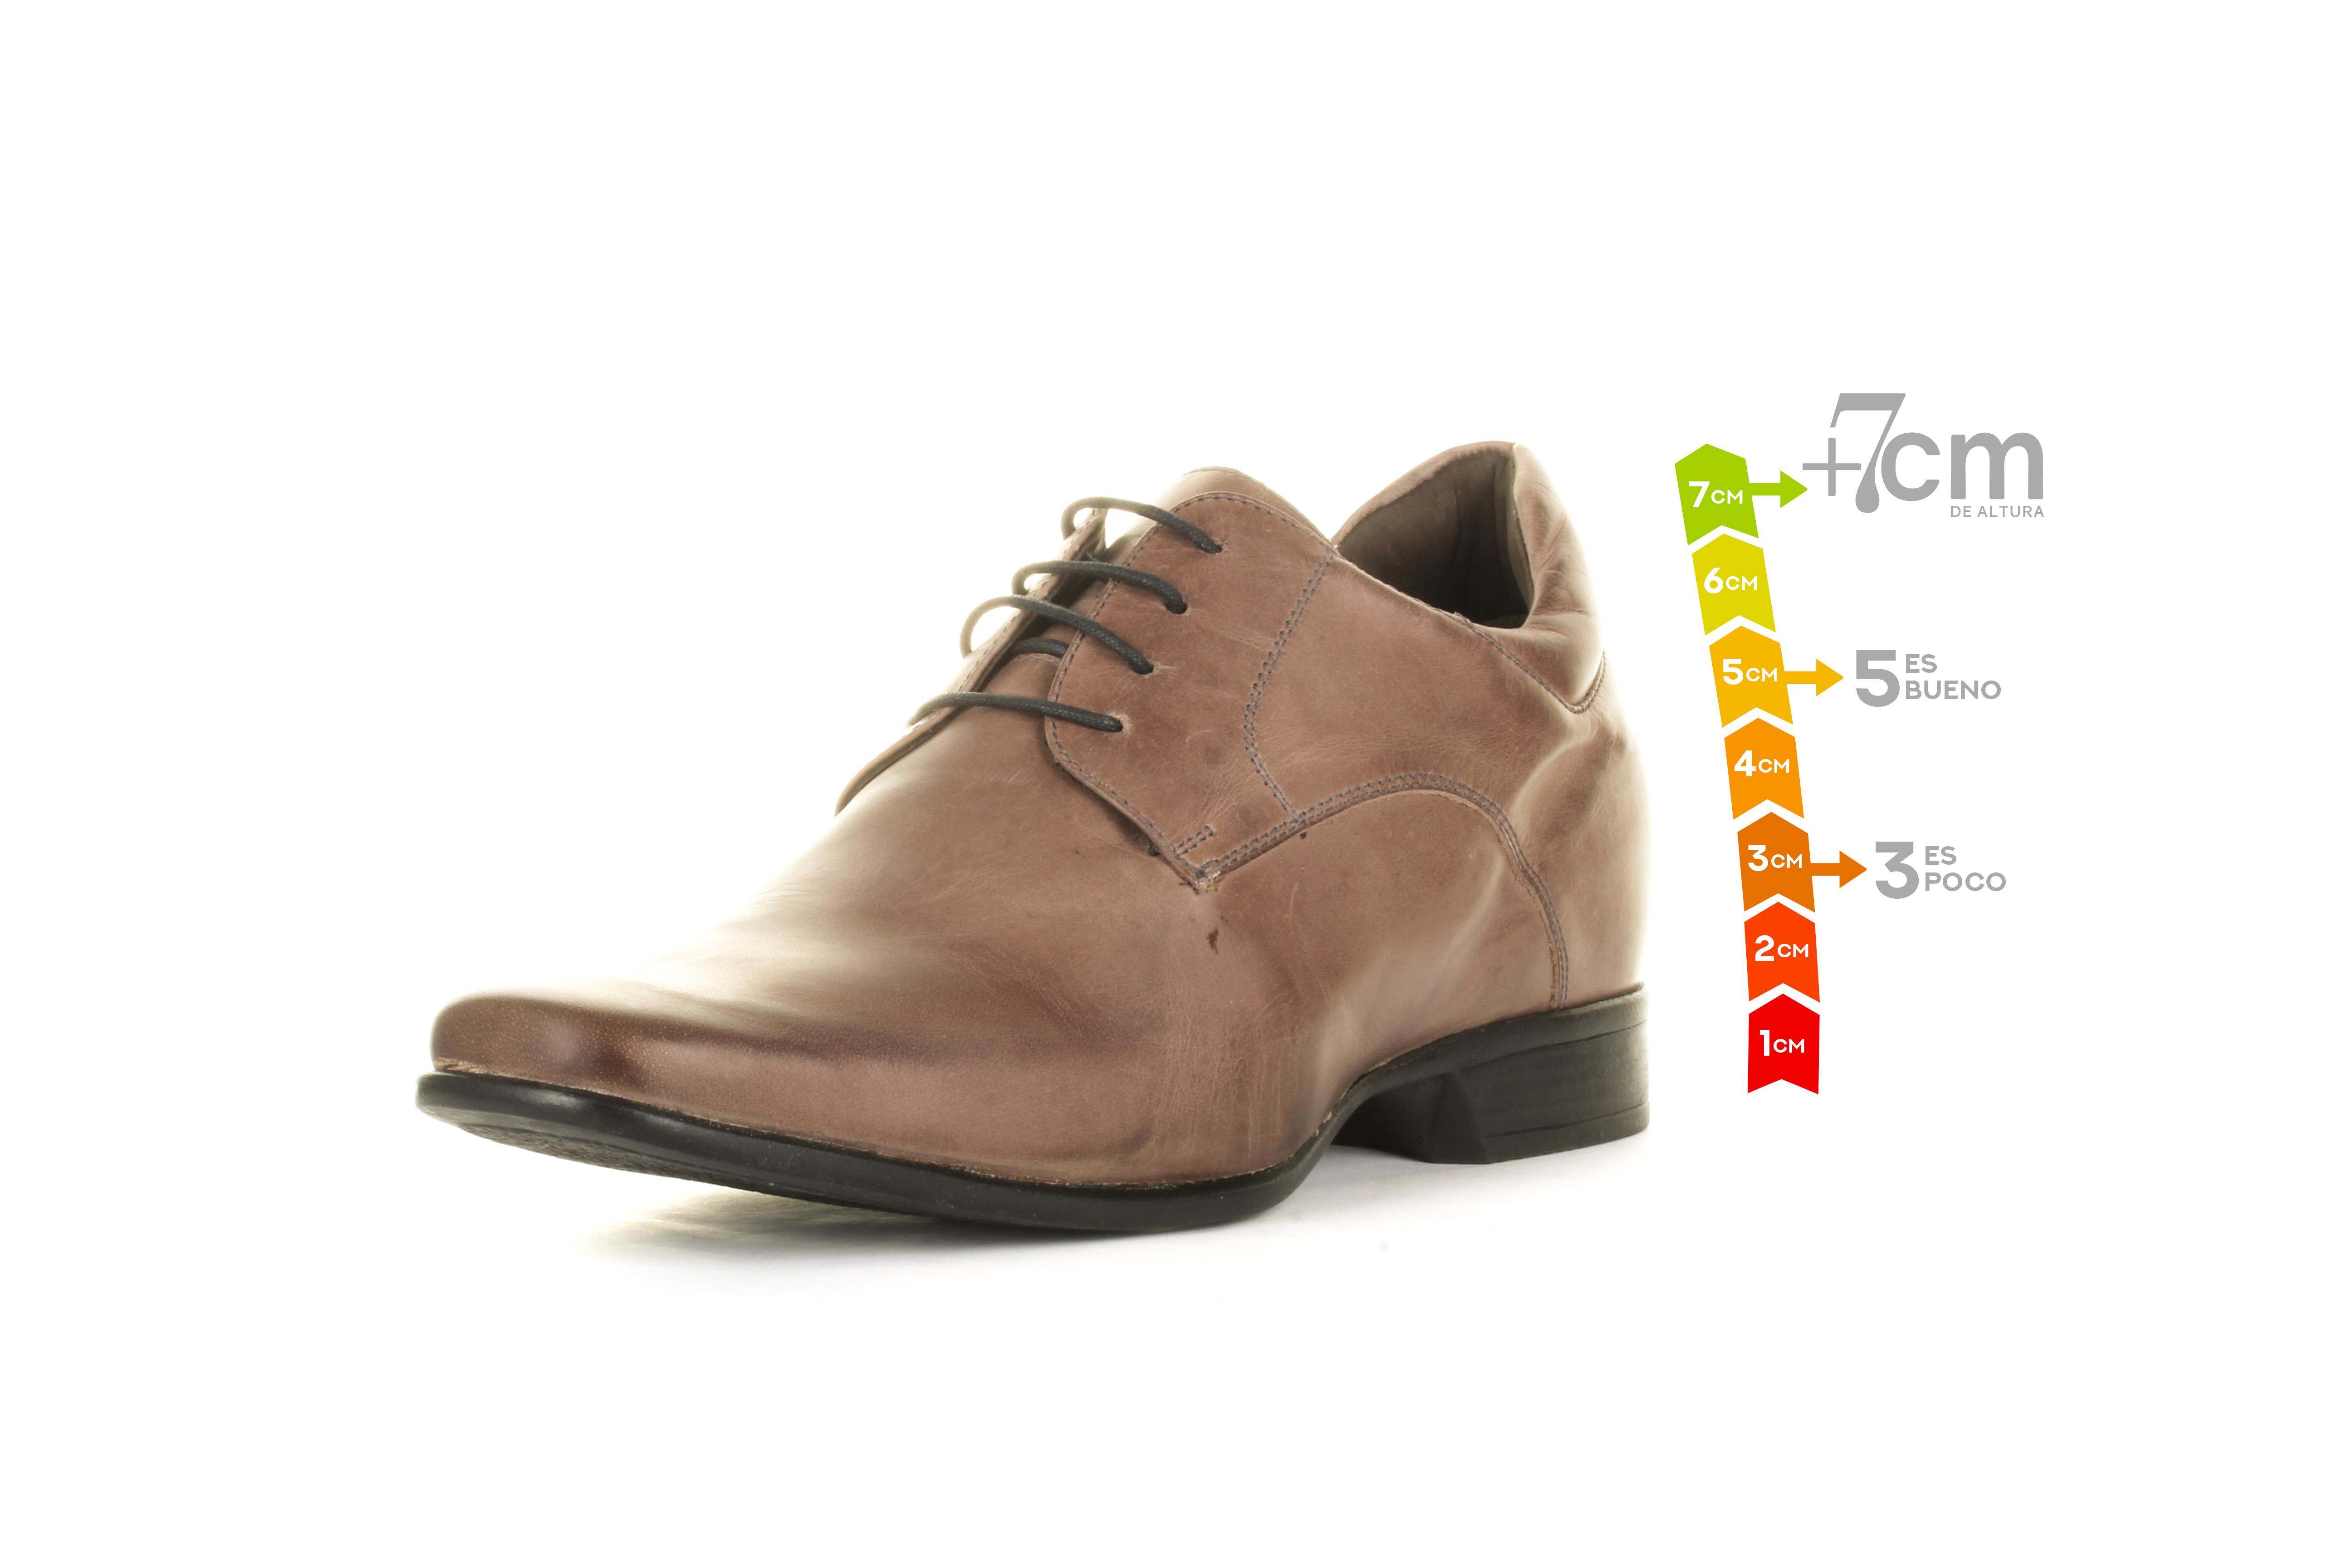 Fashion Mokaccino +7cms